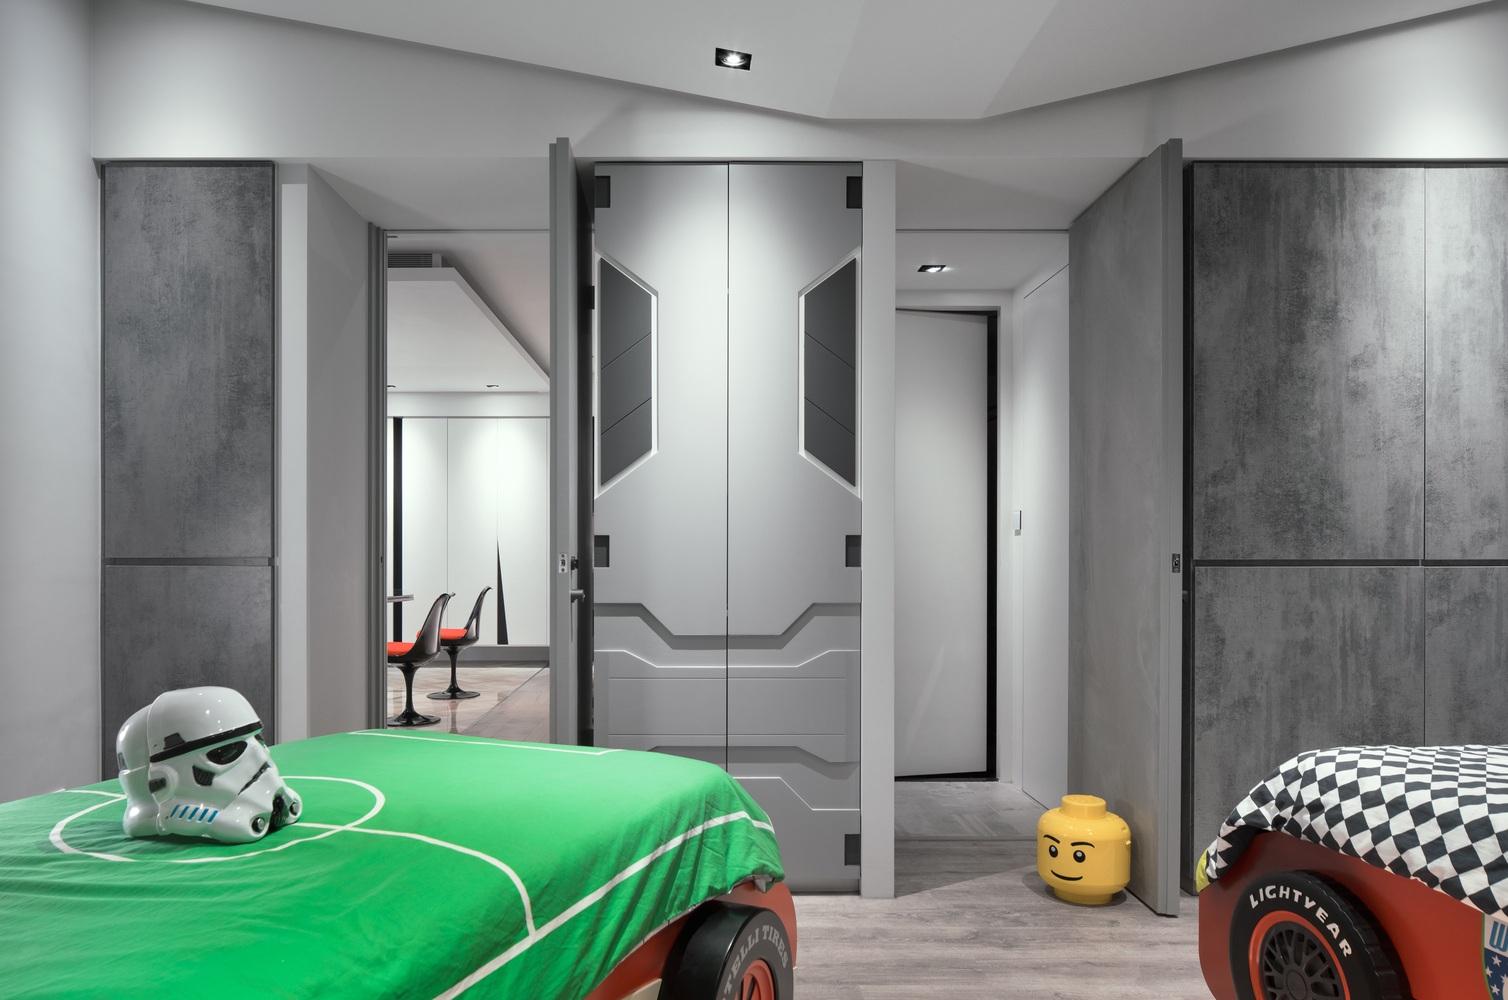 13-star-wars-casa-inspirada-na-saga-surpreende-com-design-sofisticado